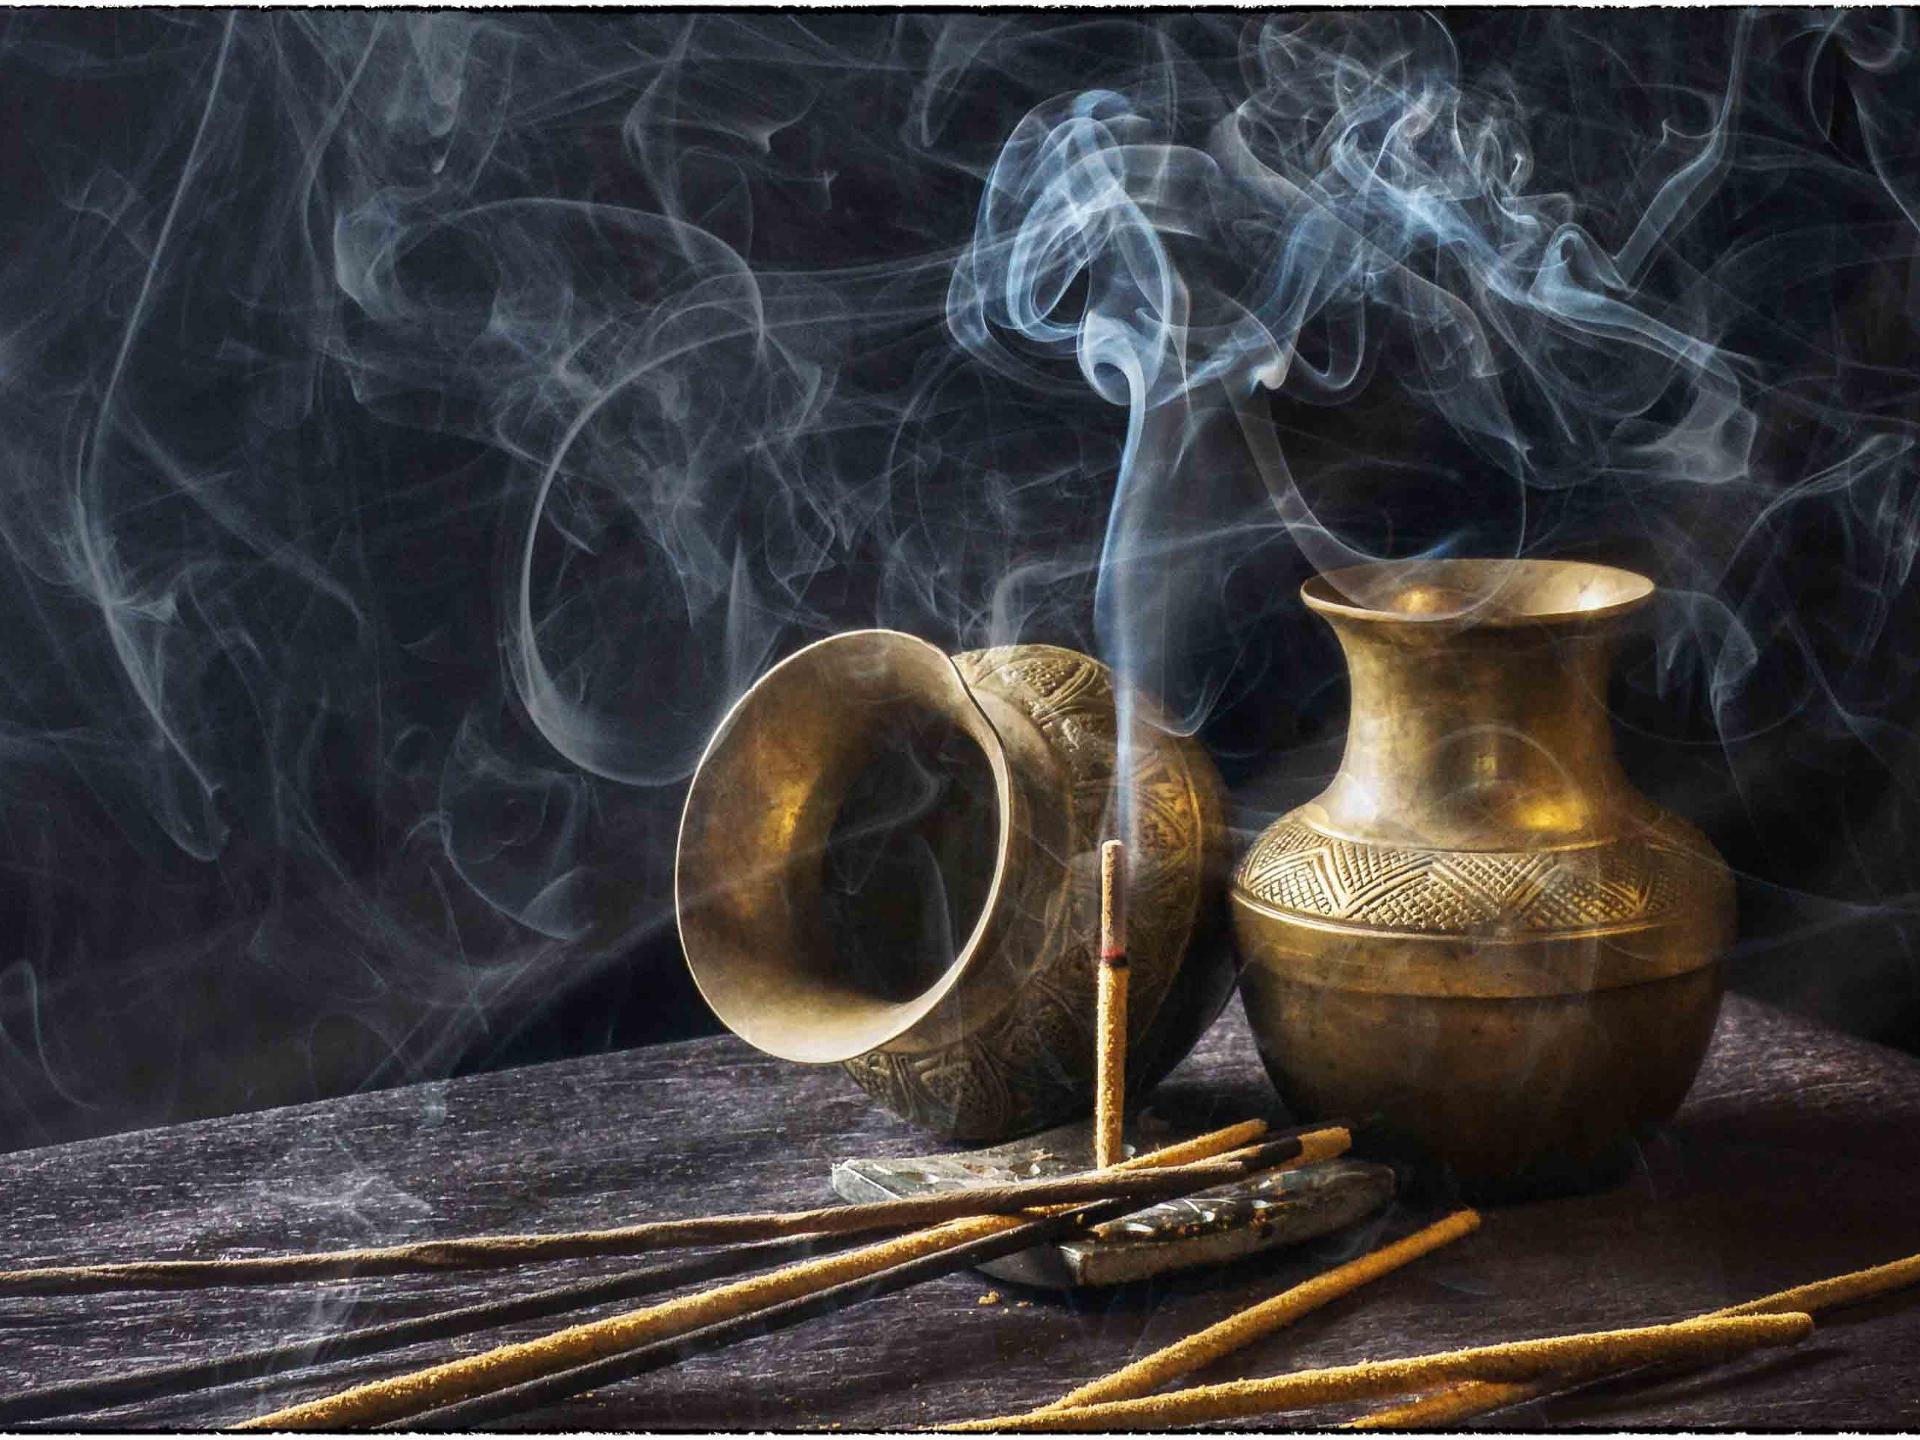 Räucherwerk und Gerüche sind sehr häufig mit unterschiedlichen Ritualen verbunden. - Photocredit: pixabay.com/4174332